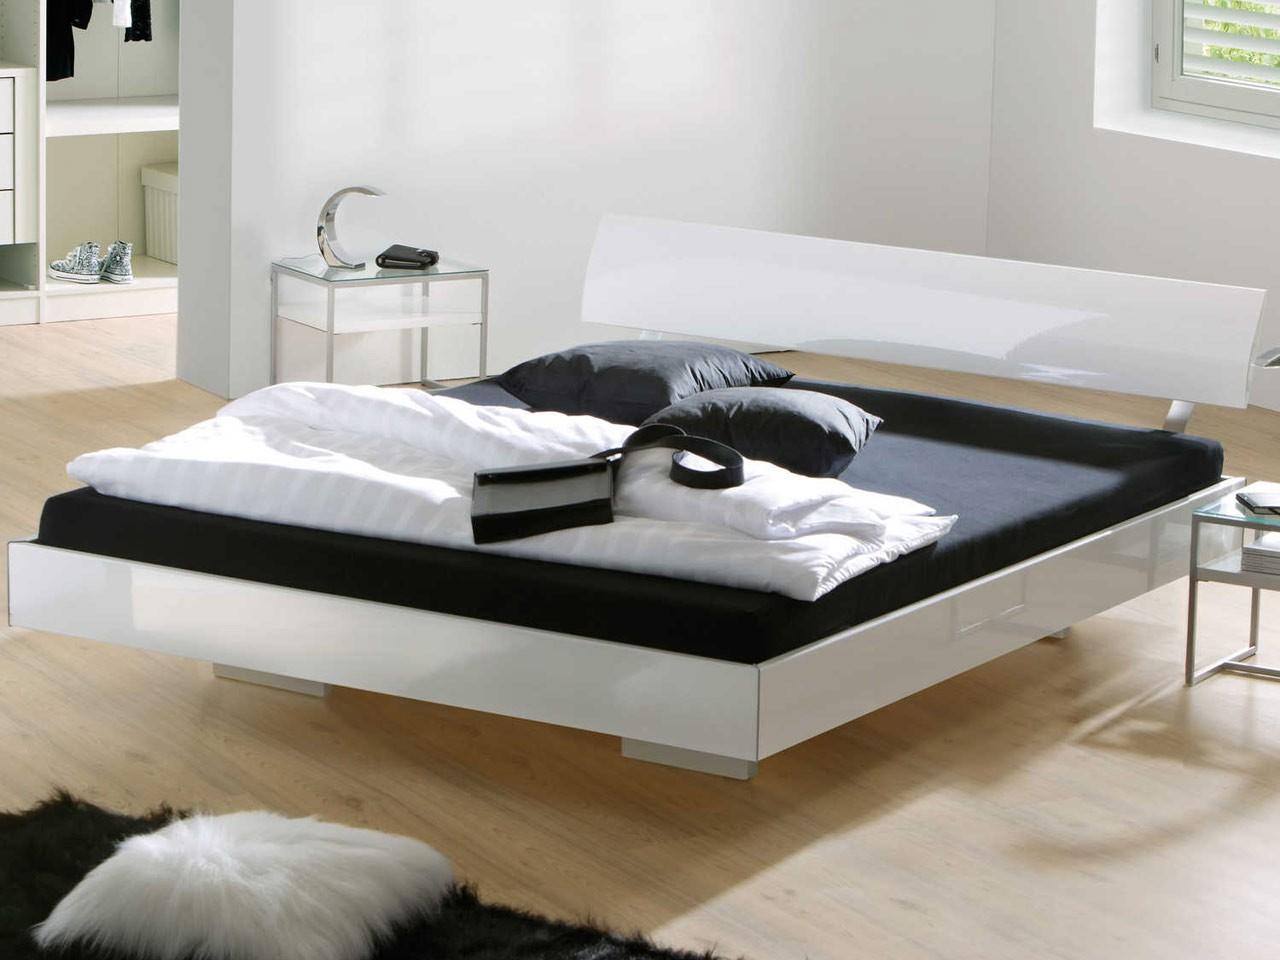 schwarz bett 140x200 preisvergleich die besten angebote online kaufen. Black Bedroom Furniture Sets. Home Design Ideas